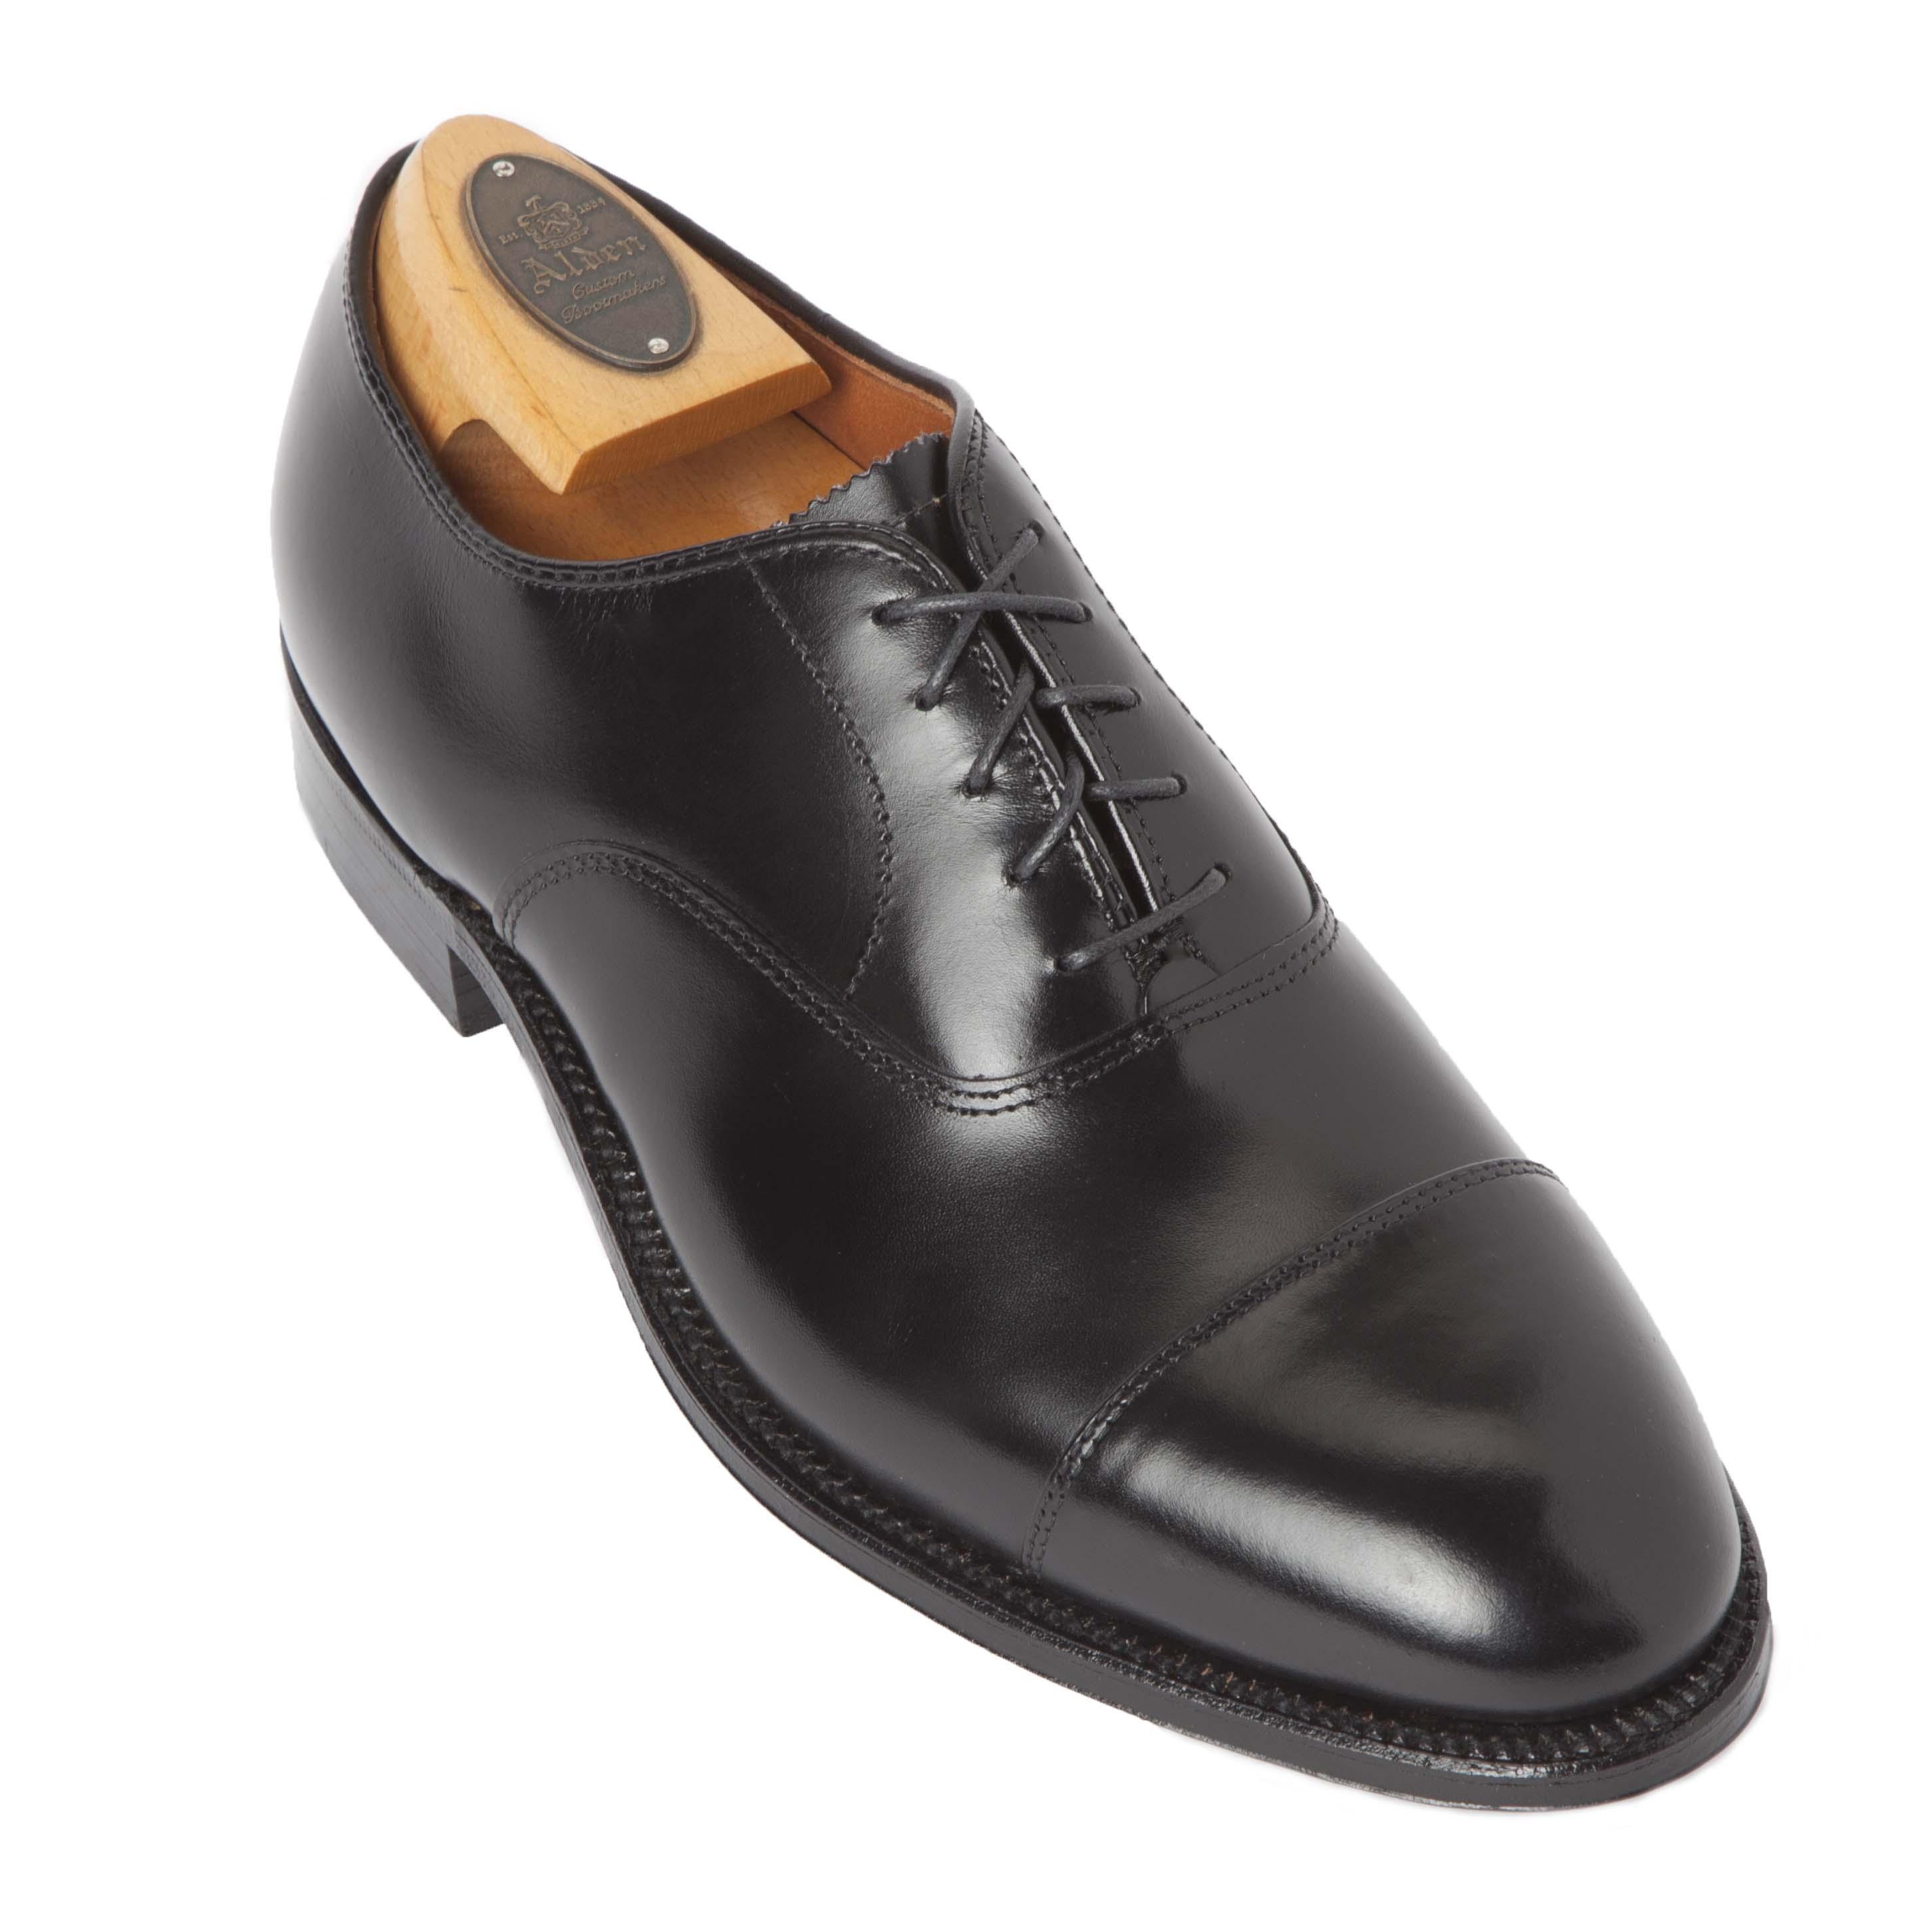 Straight Tip Balblack Calfskin907 Alden Shoes Madison